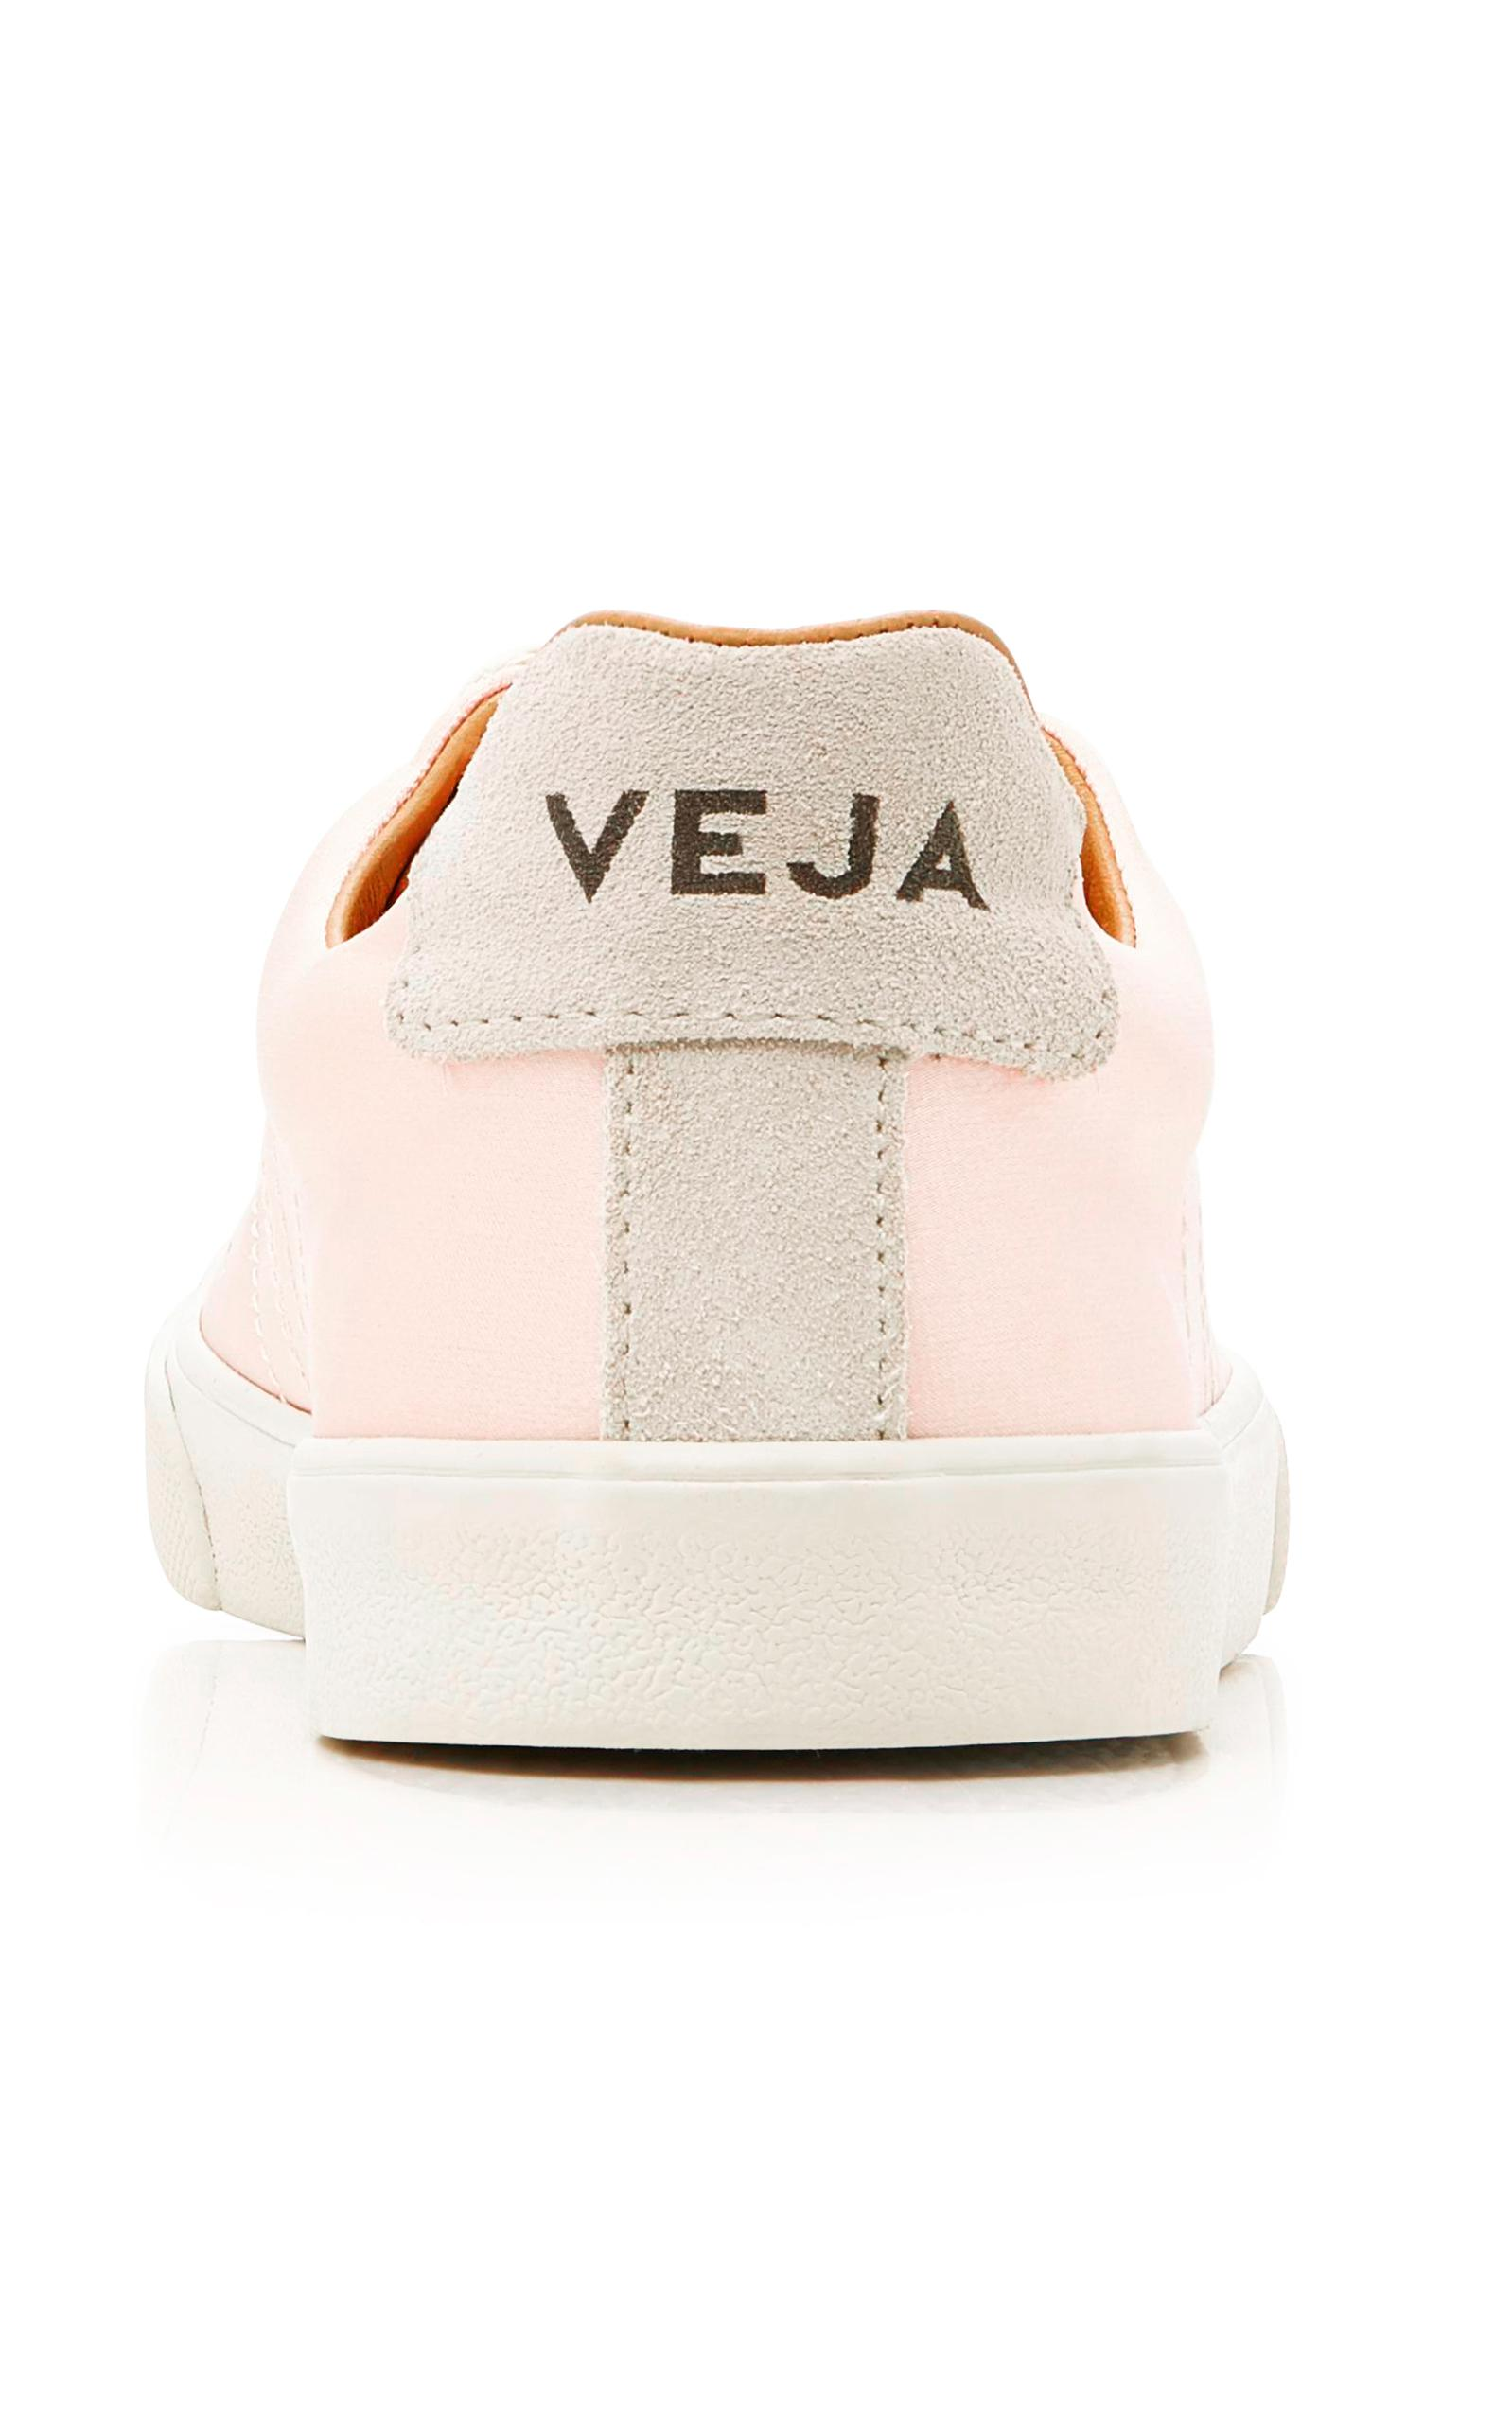 Veja Esplar Bastille Silk Sneakers in Pink